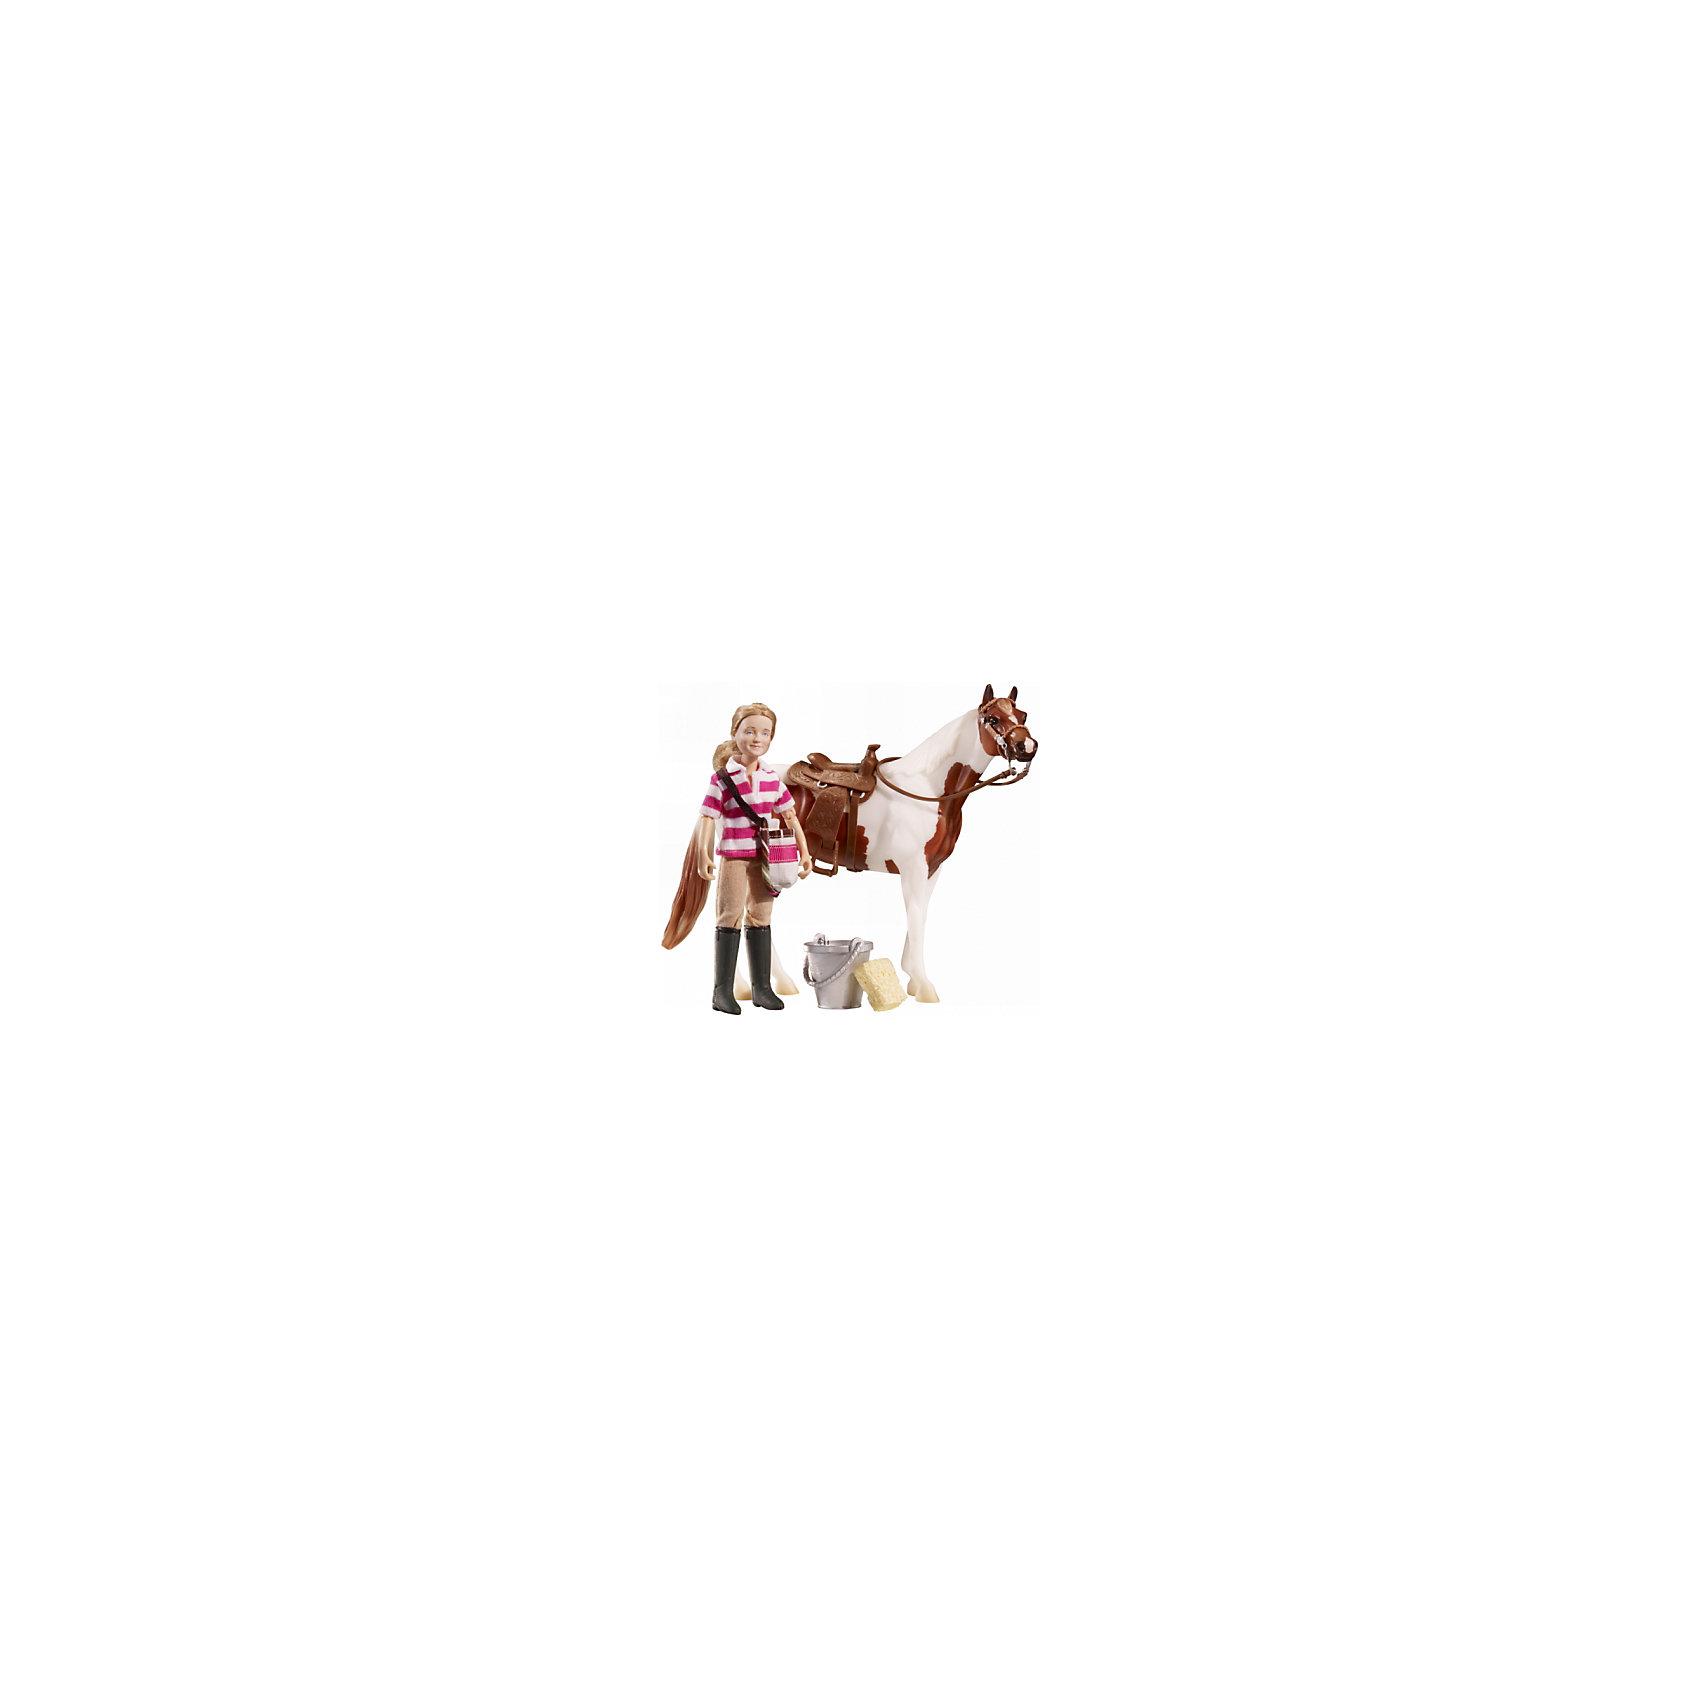 Набор Кукла Ева с аксессуарами для лошади, BreyerНабор Кукла Ева с аксессуарами для лошади, Breyer, станет отличным подарком для всех юных любительниц этих грациозных животных. В комплекте Вы найдете очаровательную всадницу Еву и разнообразные аксессуары для ее питомца - лошадки (продается отдельно!). У куклы светлые волосы и симпатичное личико. Она одета в полосатую спортивную футболку-поло, брюки и сапоги для верховой езды. Благодаря шарнирным конечностям куклу можно посадить в седло лошадки и придать практически любую позу. Реалистичные аксессуары, такие как вестерн-седло, ведро и губка для ухода за лошадью, идеально впишутся в игровые сюжеты о жизни лошадок.<br><br>Дополнительная информация:<br><br>- В комплекте: кукла Ева, вестерн-седло, уздечка, ведро, губка.<br>- Фигурки лошадей продаются отдельно!<br>- Материал: пластик, текстиль.<br>- Масштаб: 1:12.<br>- Размер куклы: 15 см.<br>- Размер упаковки: 6 х 14,5 х 25 см.<br>- Вес: 150 гр.<br><br>Набор Кукла Ева с аксессуарами для лошади, Breyer, можно купить в нашем интернет-магазине.<br><br>Ширина мм: 60<br>Глубина мм: 145<br>Высота мм: 250<br>Вес г: 150<br>Возраст от месяцев: 36<br>Возраст до месяцев: 192<br>Пол: Женский<br>Возраст: Детский<br>SKU: 4552543